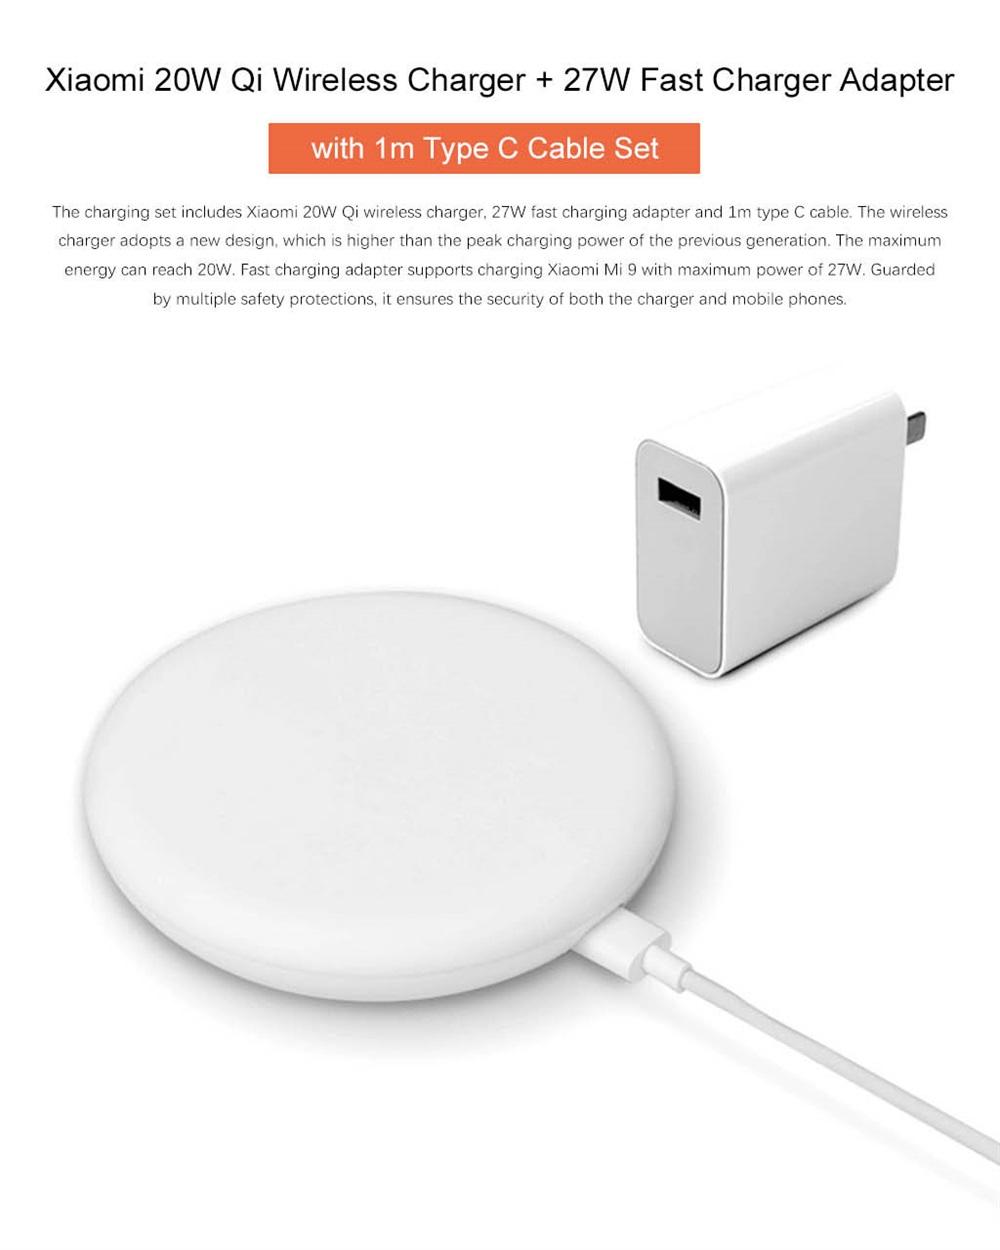 Xiaomi 20W Fast Charging Set.jpg